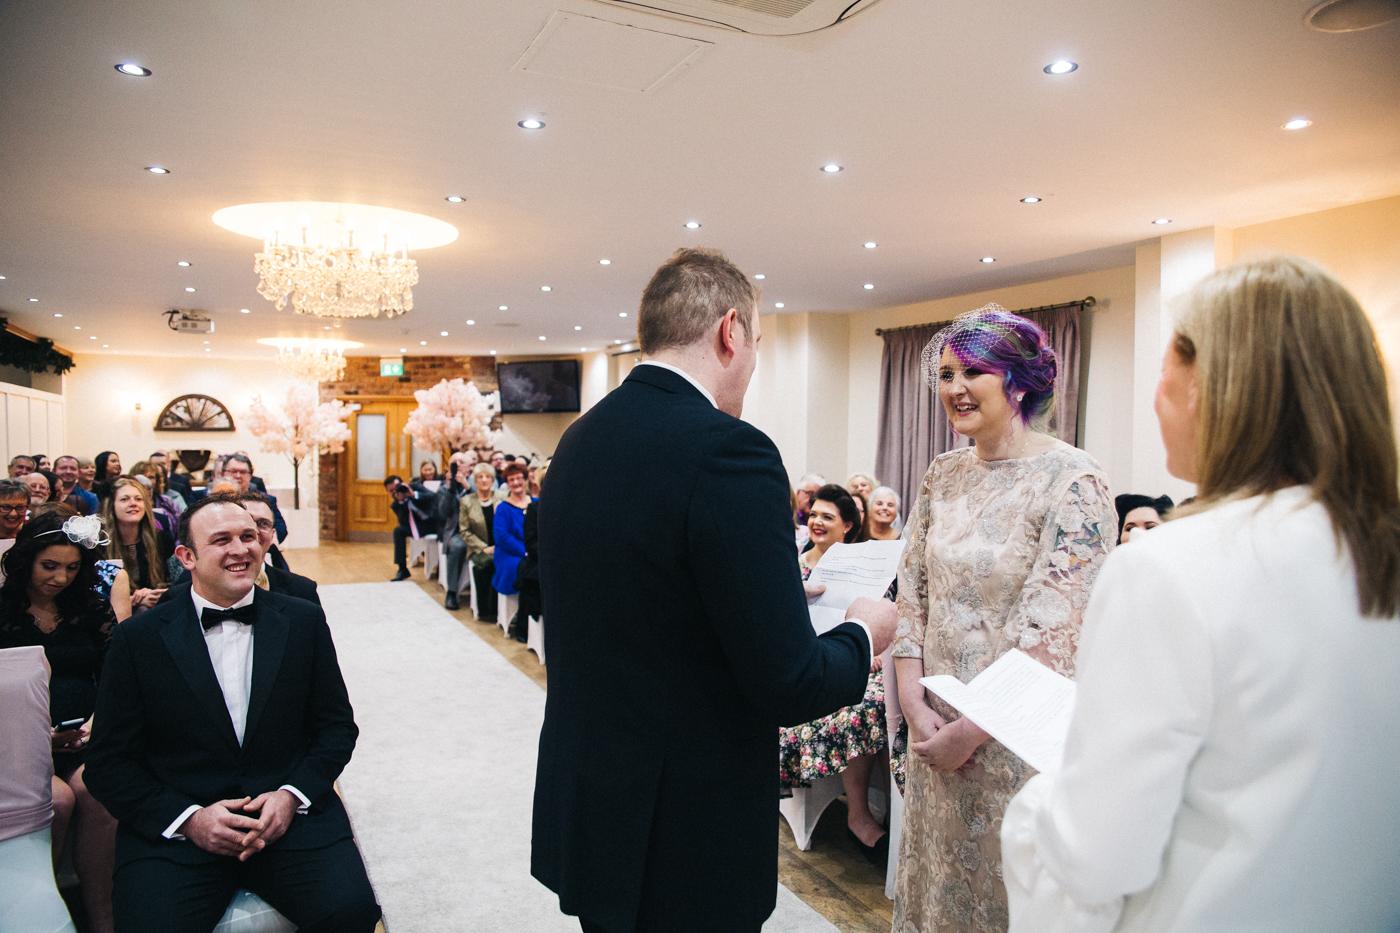 derby-derbyshire-wedding-photographer-creative-white-hart-inn-wedding-0021.jpg